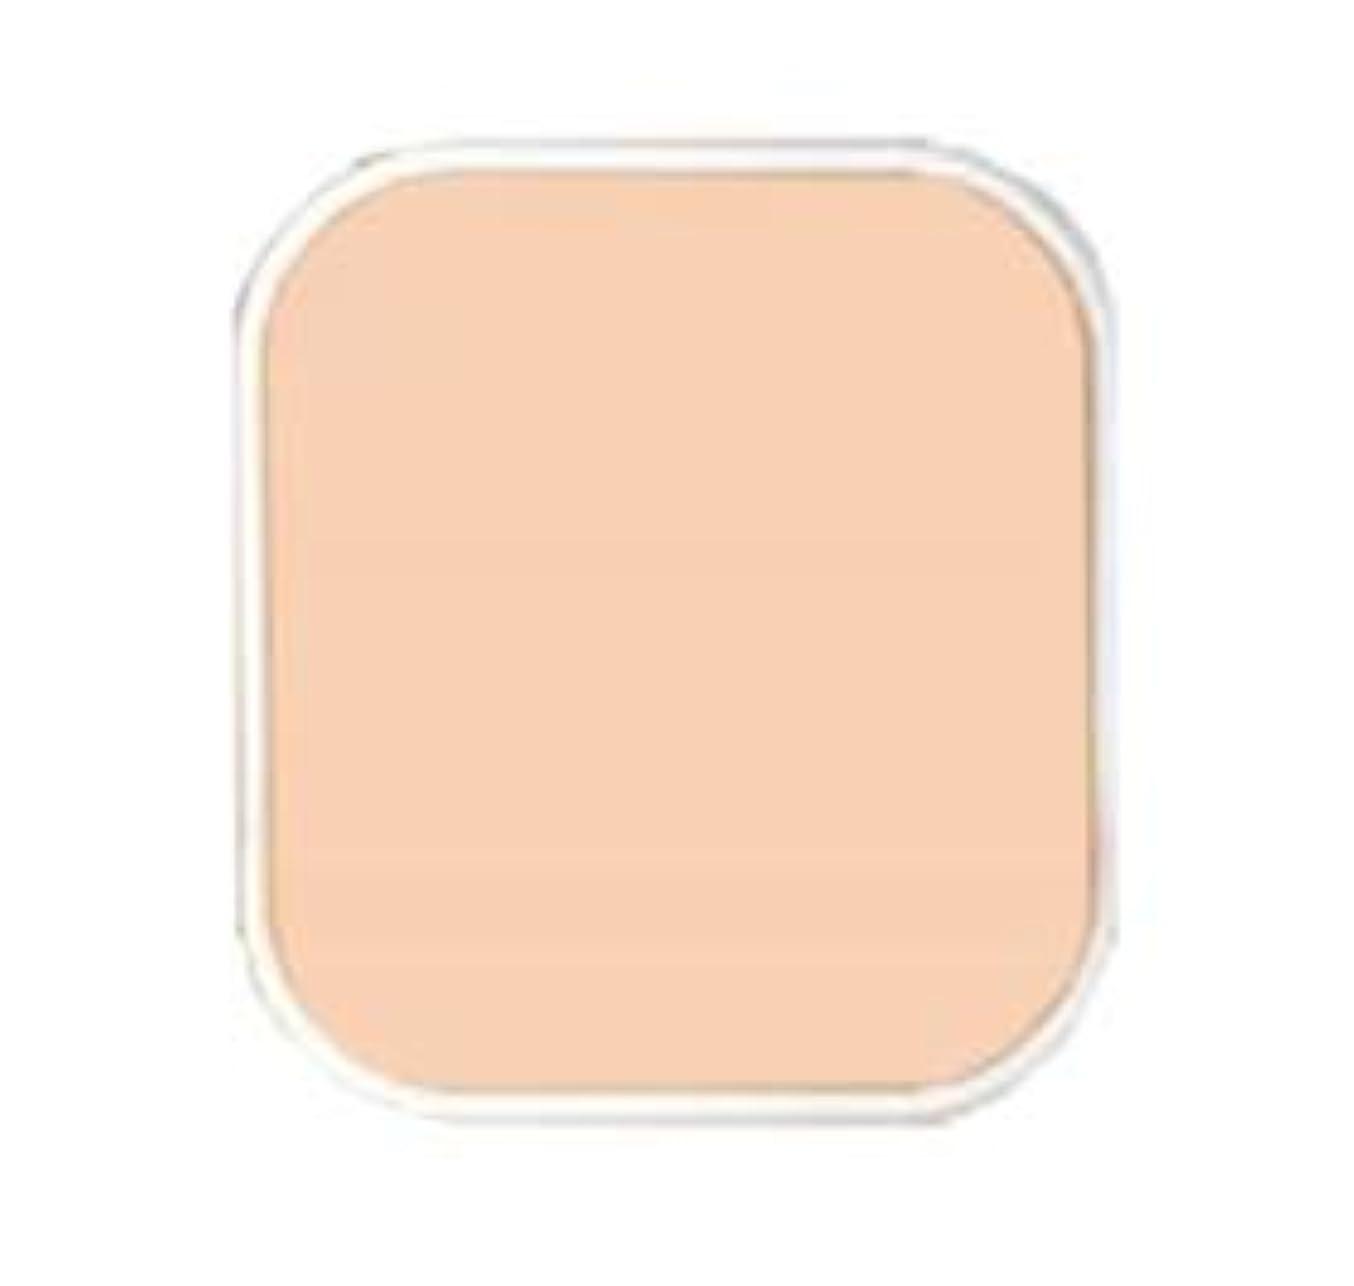 エアコンペッカディロ時アクセーヌ クリーミィファンデーションPV(リフィル)<P20自然なピンク系>※ケース別売り(11g)